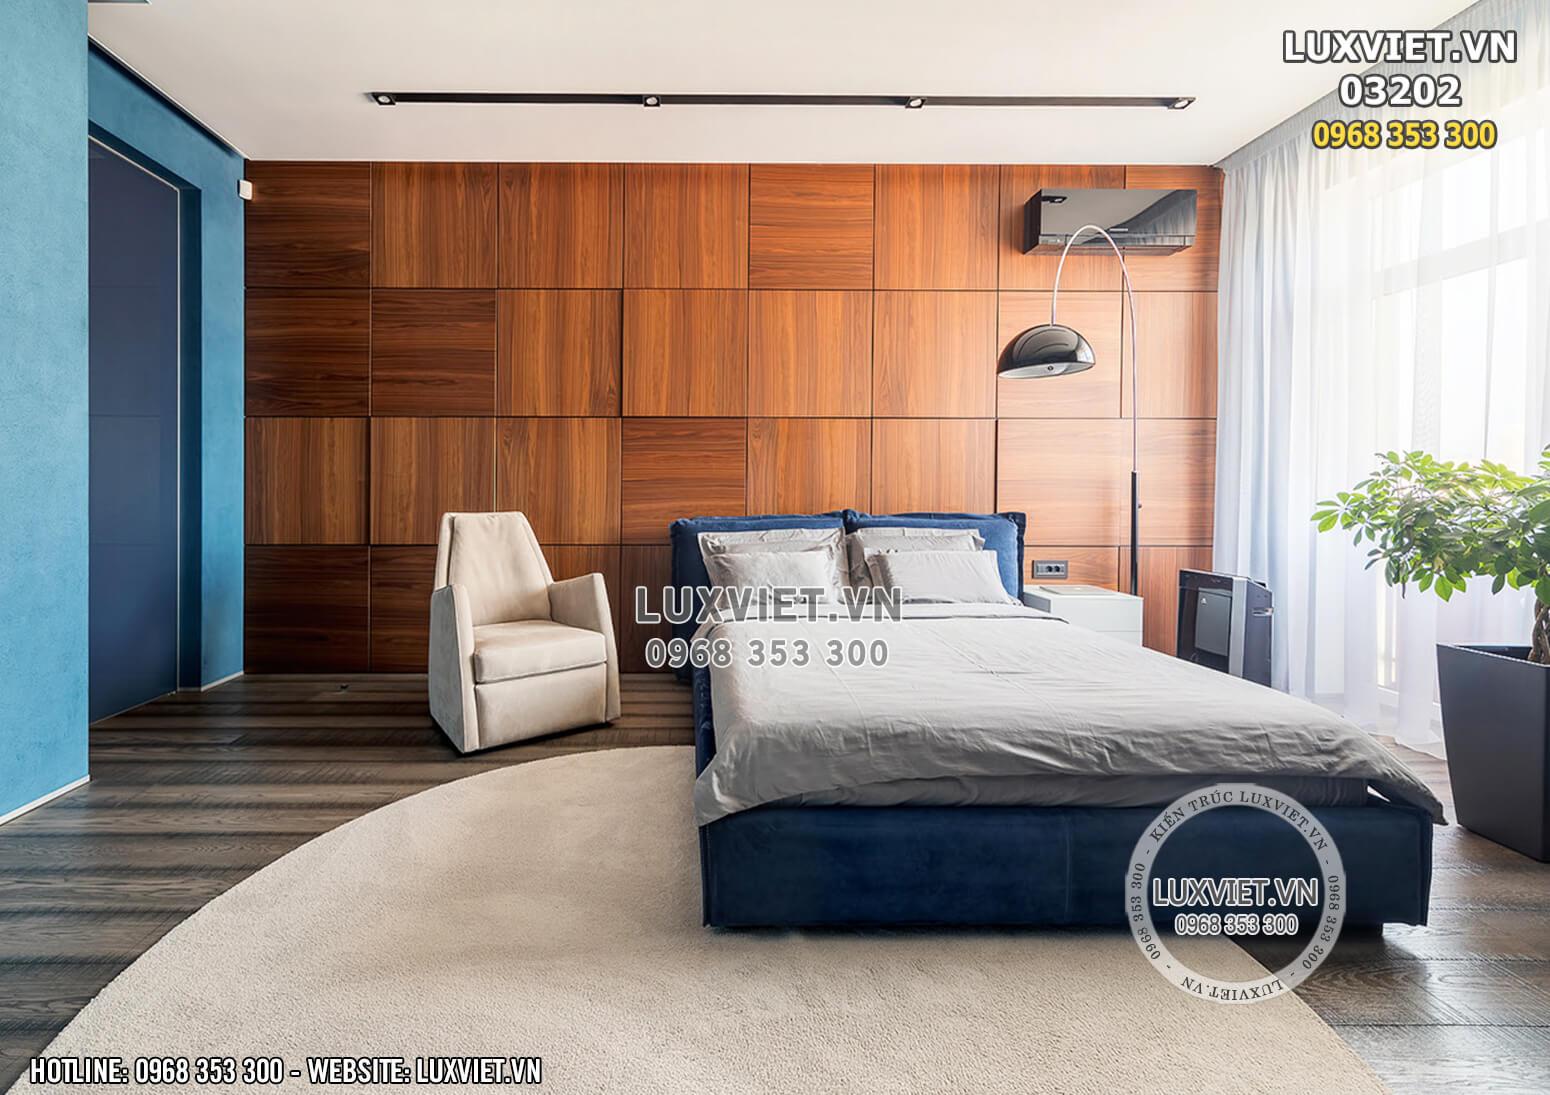 Hình ảnh: Phòng ngủ Master nội thất căn hộ tại Hà Nội - LV 03202